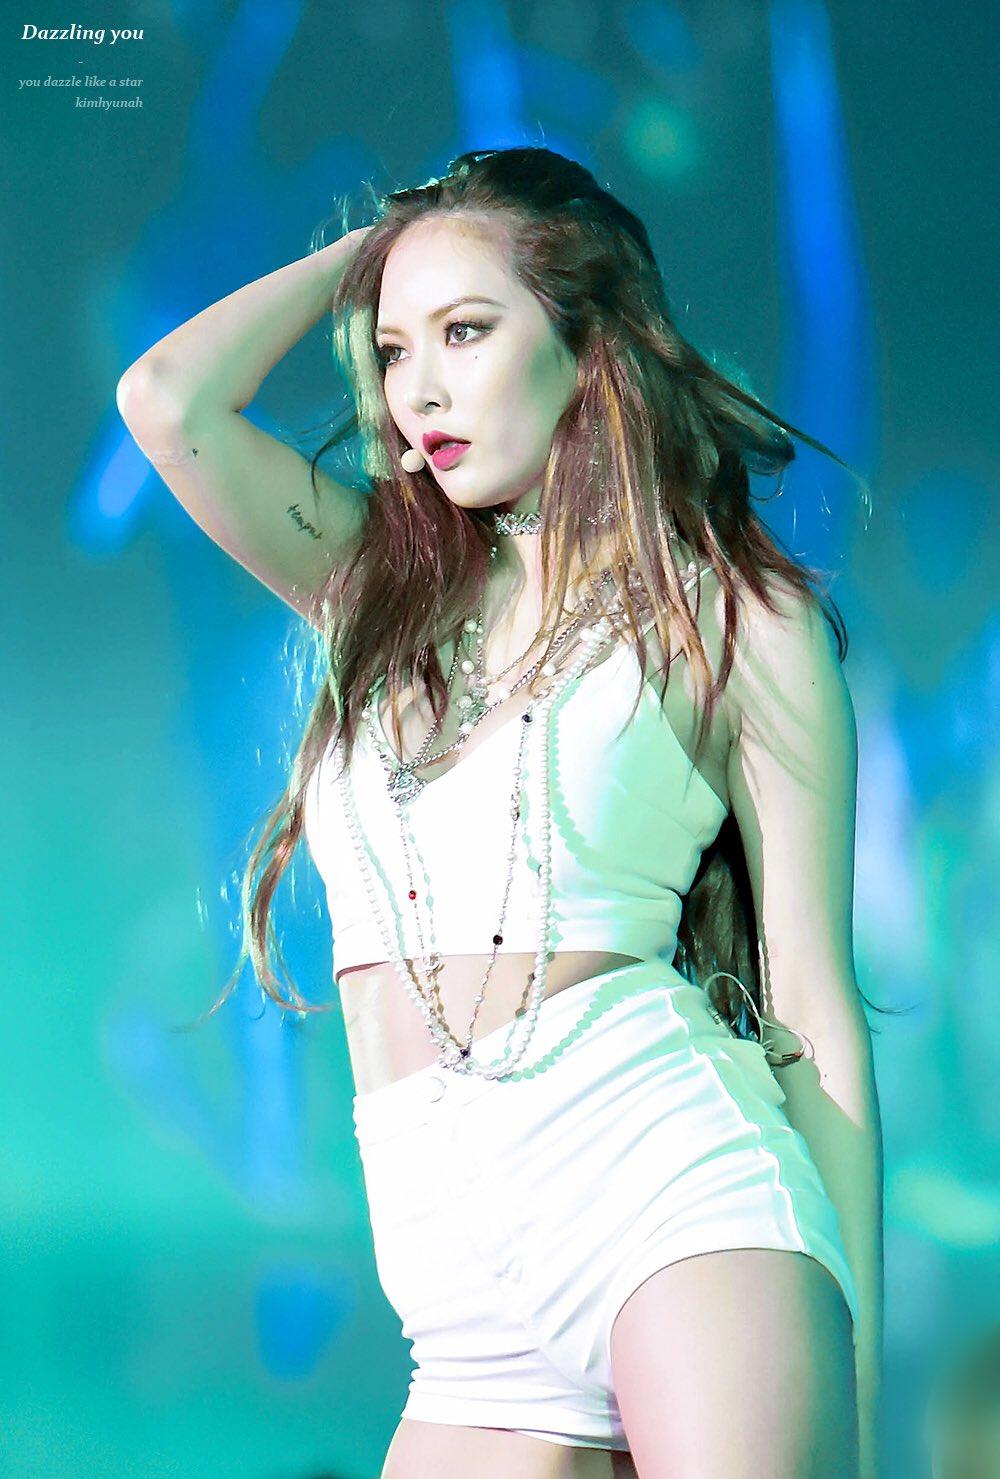 hyuna biểu diễn trên sân khấu áo bra top trắng quần shorts trắng